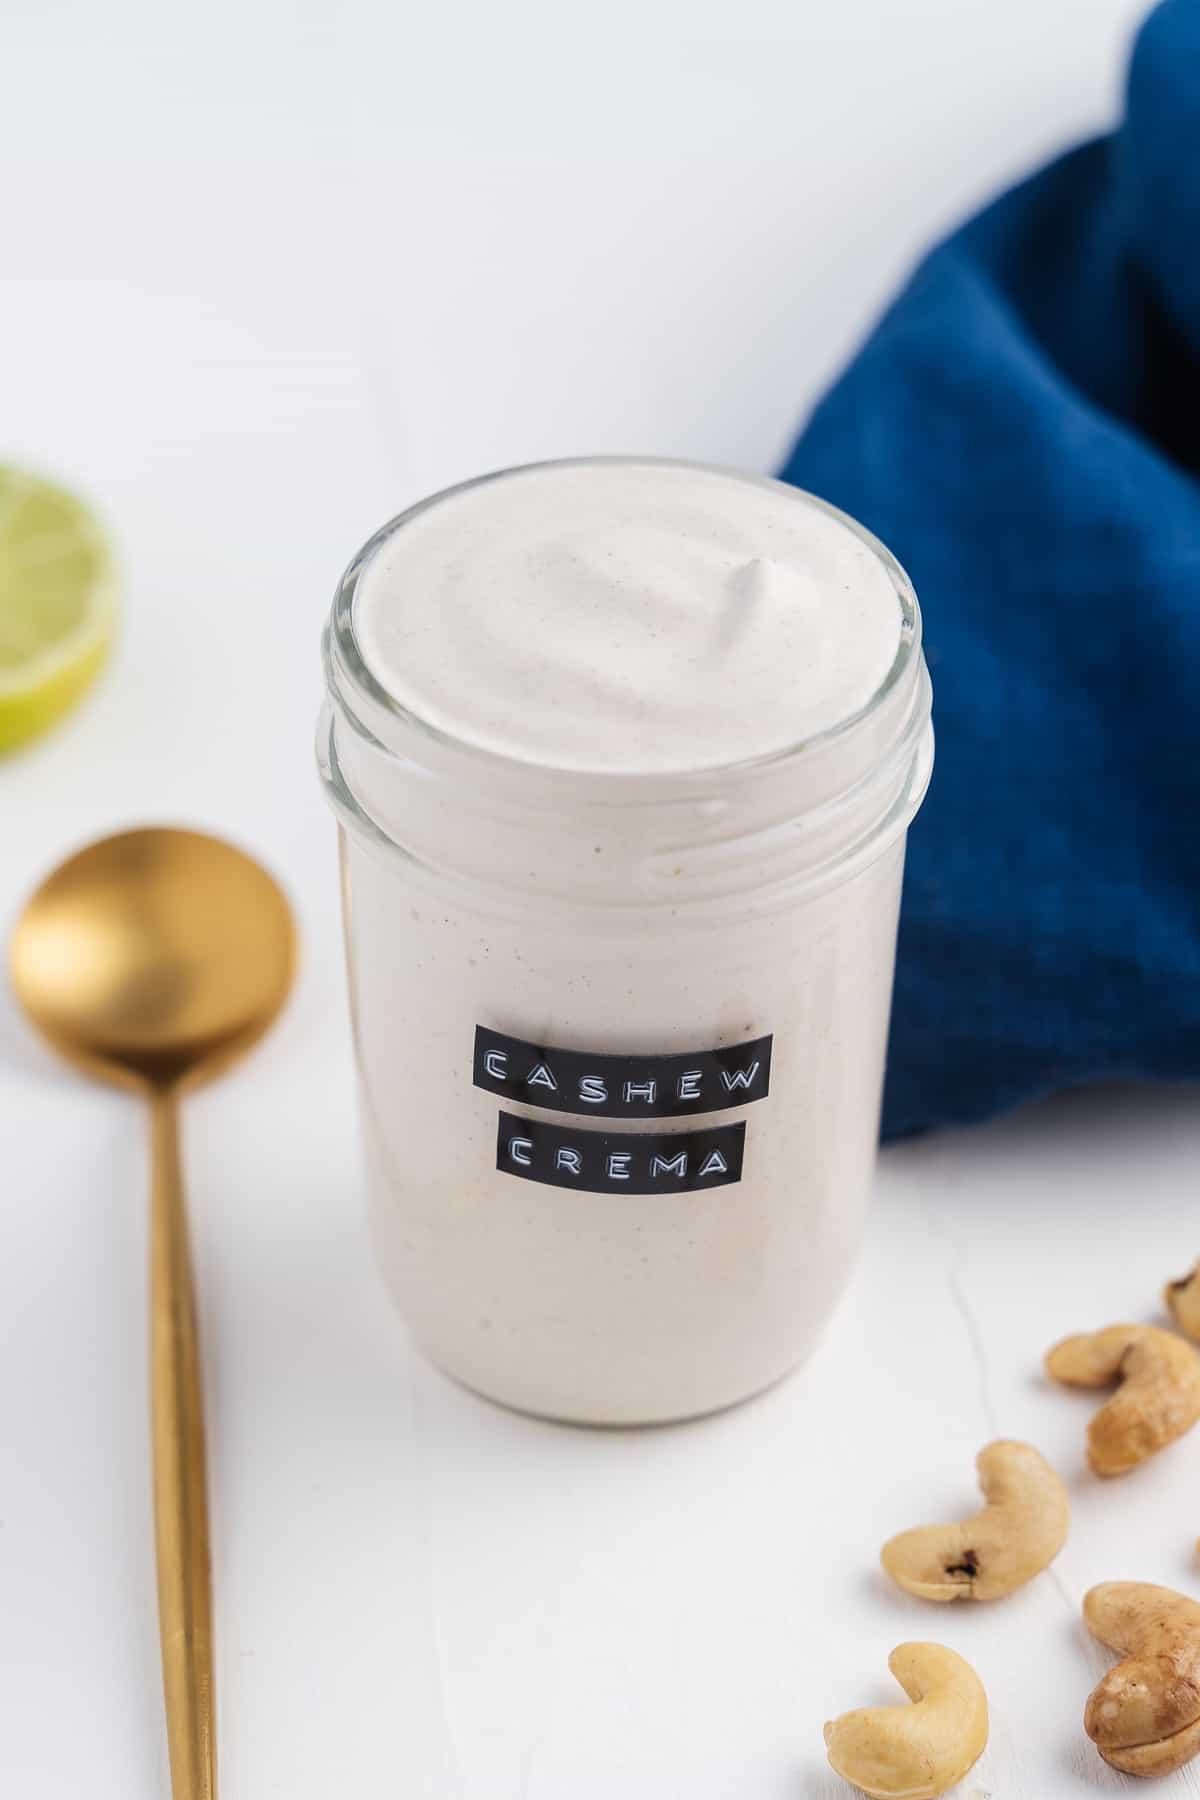 Cashew Crema in a Mason Jar